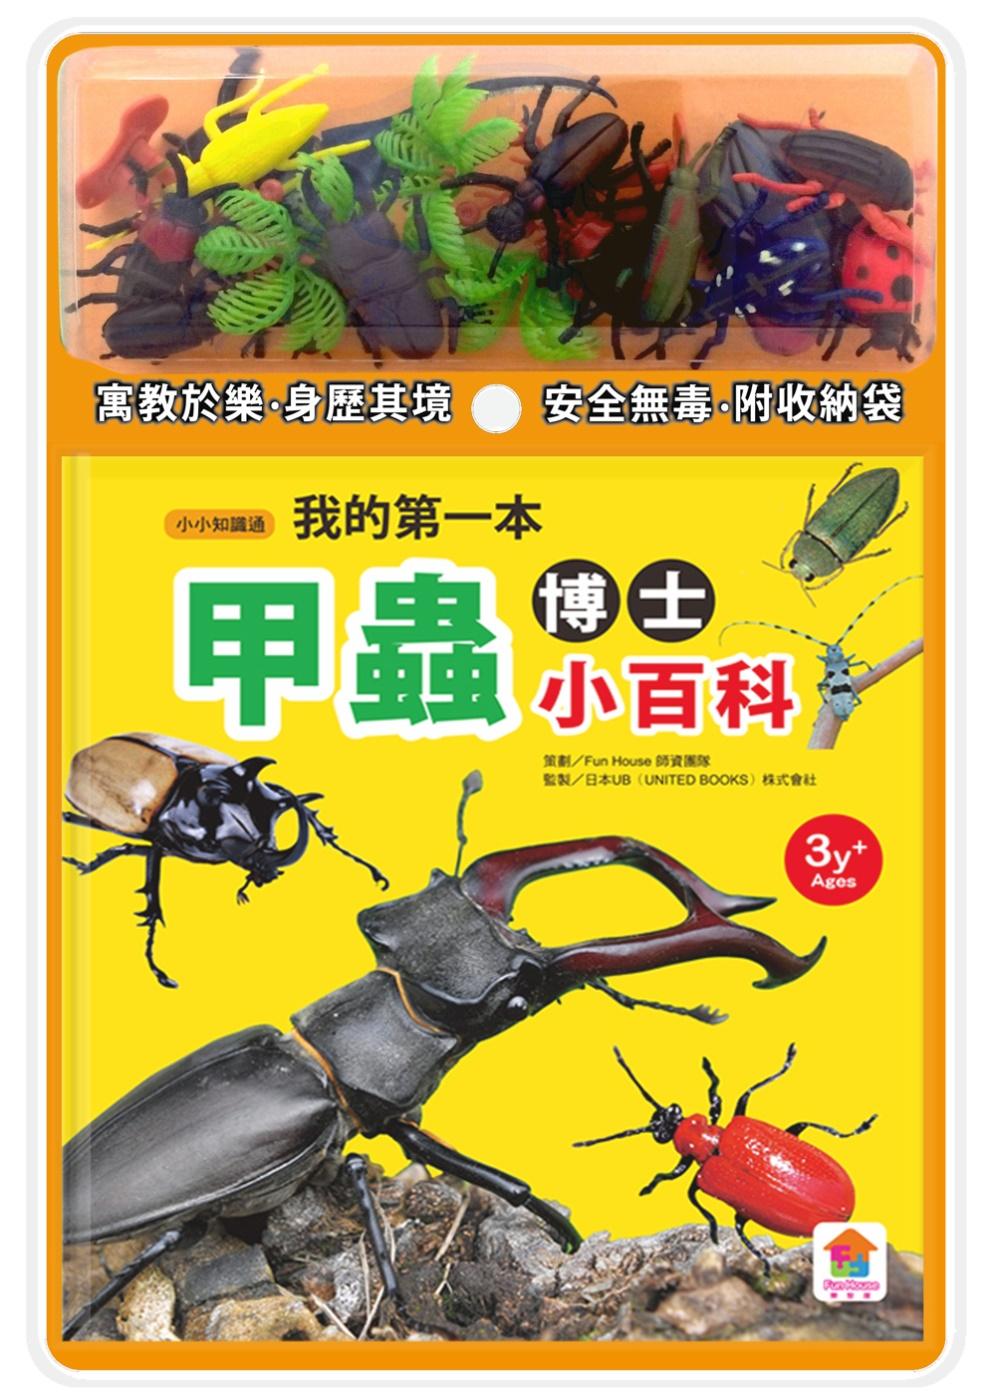 我的第一本甲蟲博士小百科NEW(內含小百科+12款甲學習模型及3個配件)